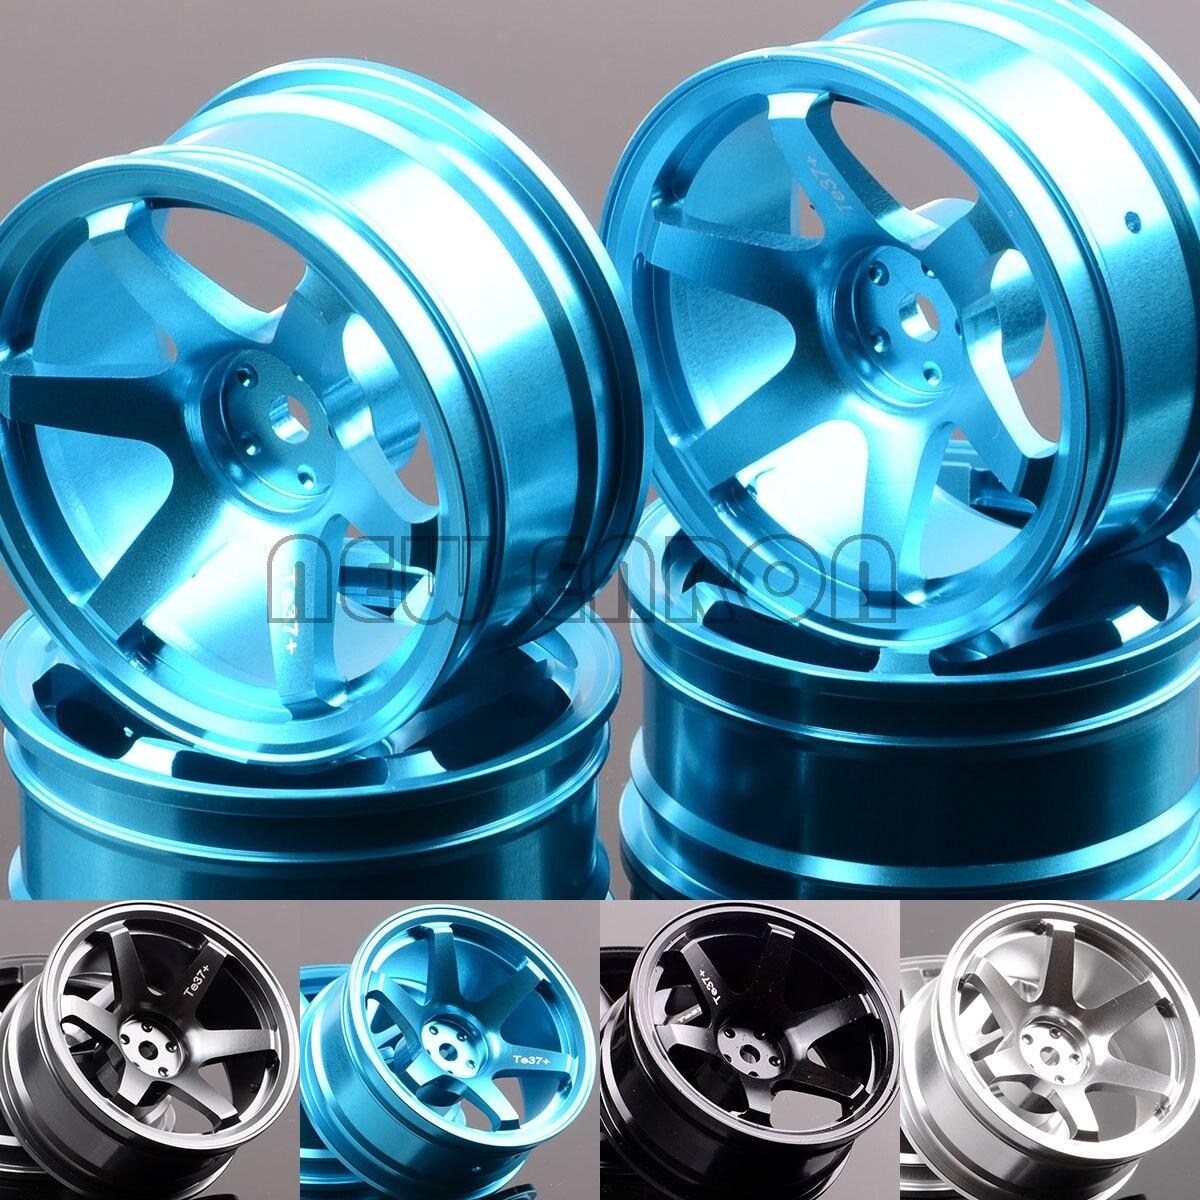 NEW ENRON 4P Aluminum 6 Spoke 52MM Wheel Rims For RC 1/10 On-Road Drift Traxxas HSP Tamiya HPI Kyosho RedCat SAKURA